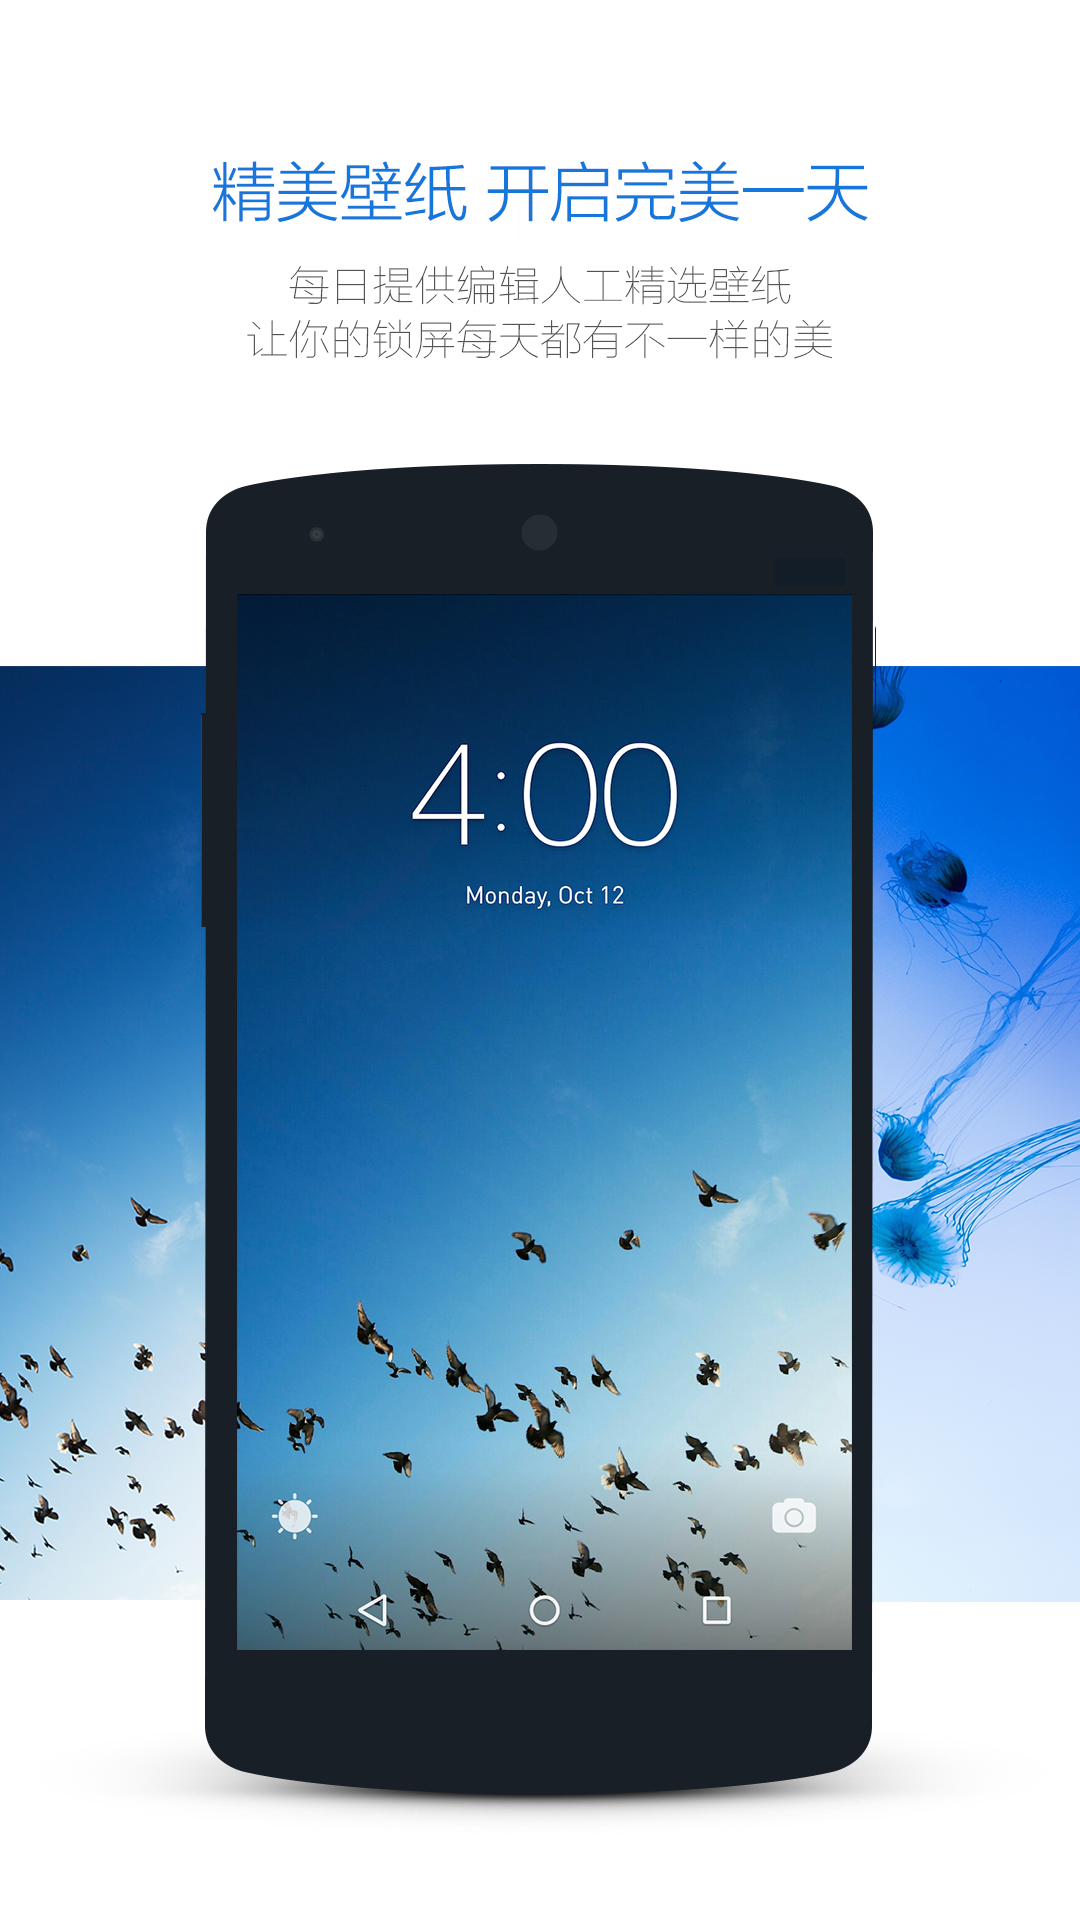 豌豆荚Smart锁屏 V1.1.3 安卓版截图2